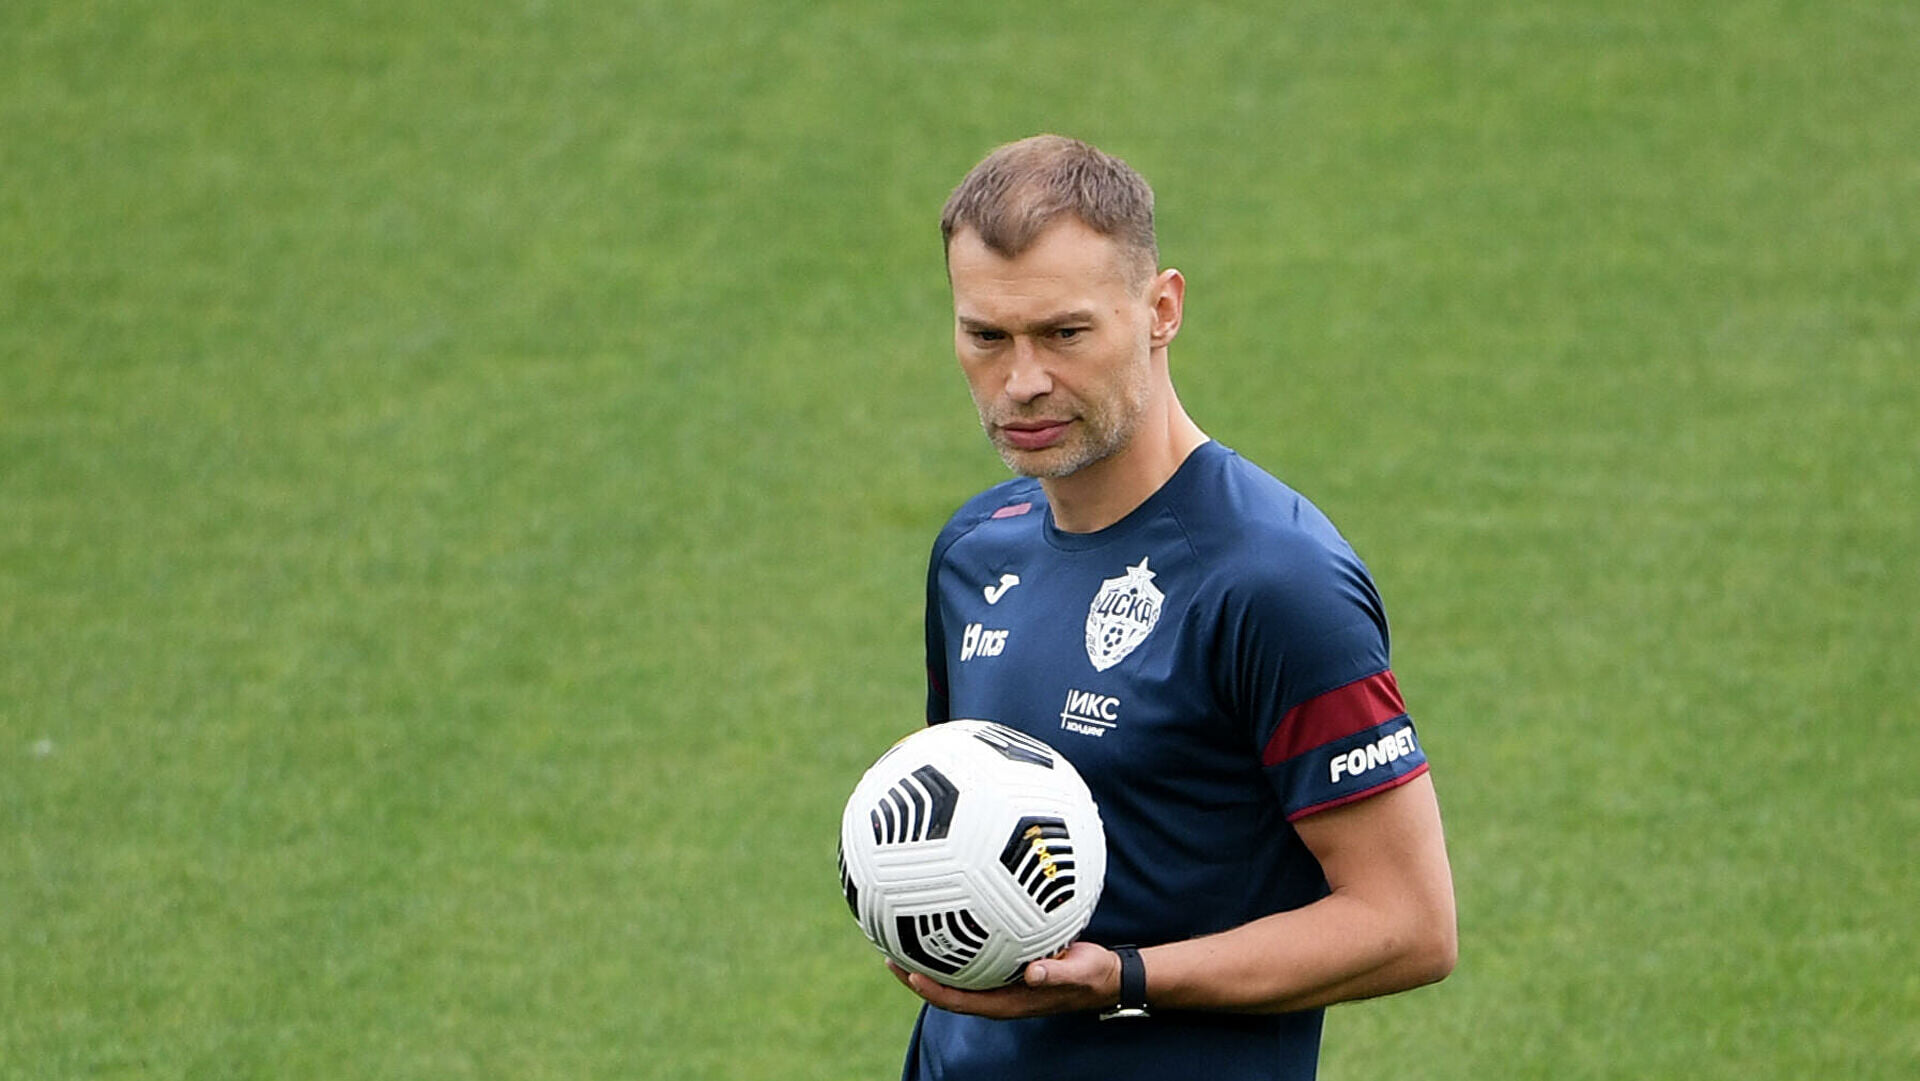 Василий Березуцкий: «Я бы согласился возглавить ЦСКА. Немного обидно, что совет директоров назначил Олича»